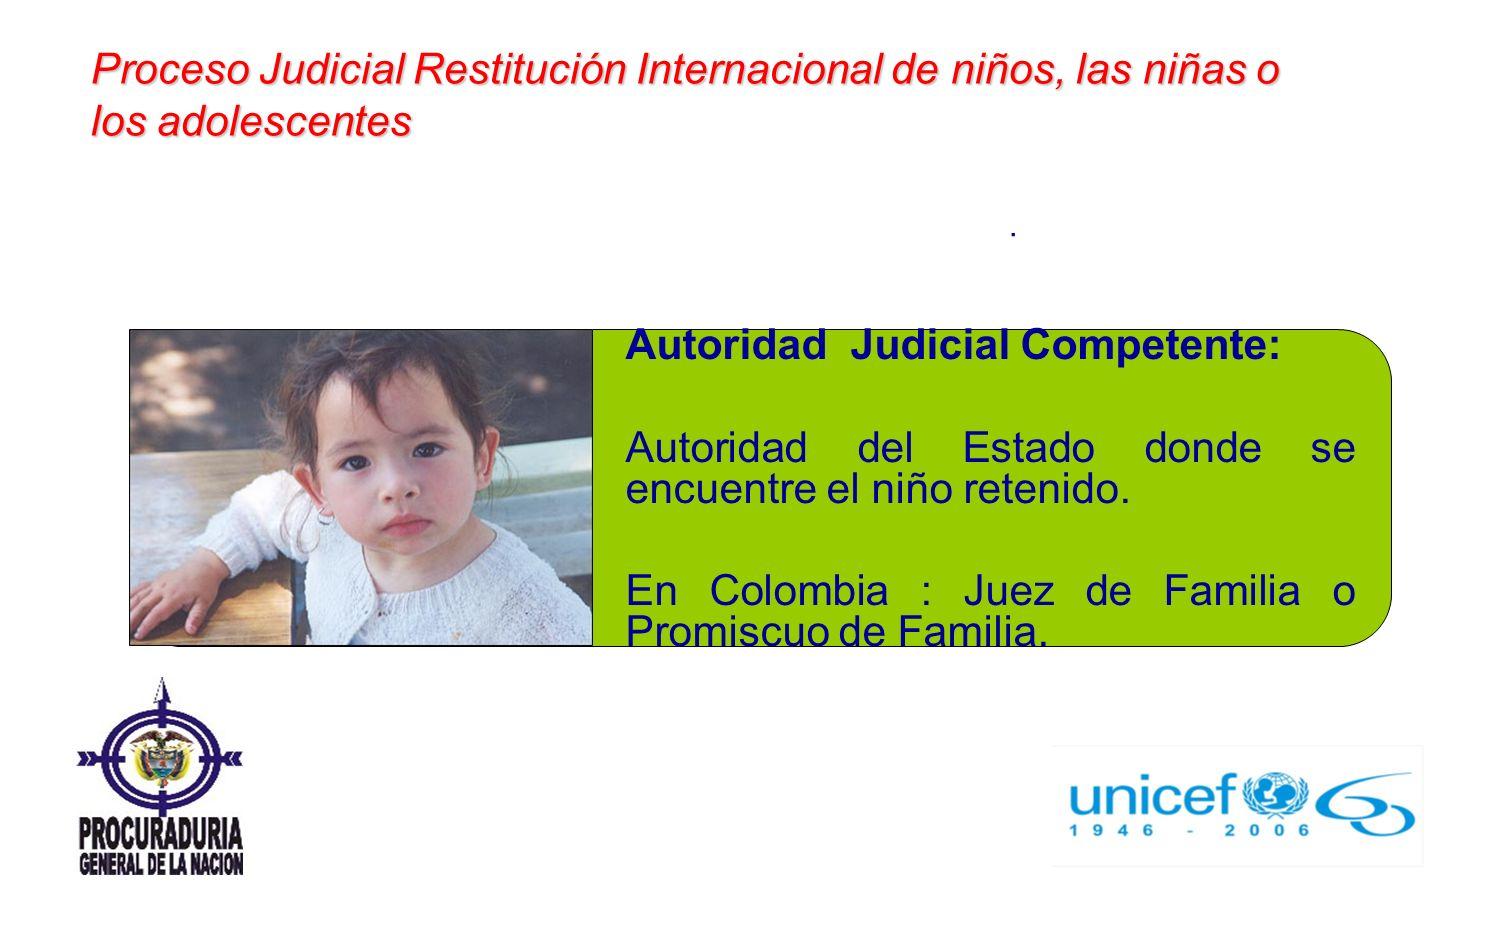 Autoridad Judicial Competente: Autoridad del Estado donde se encuentre el niño retenido.